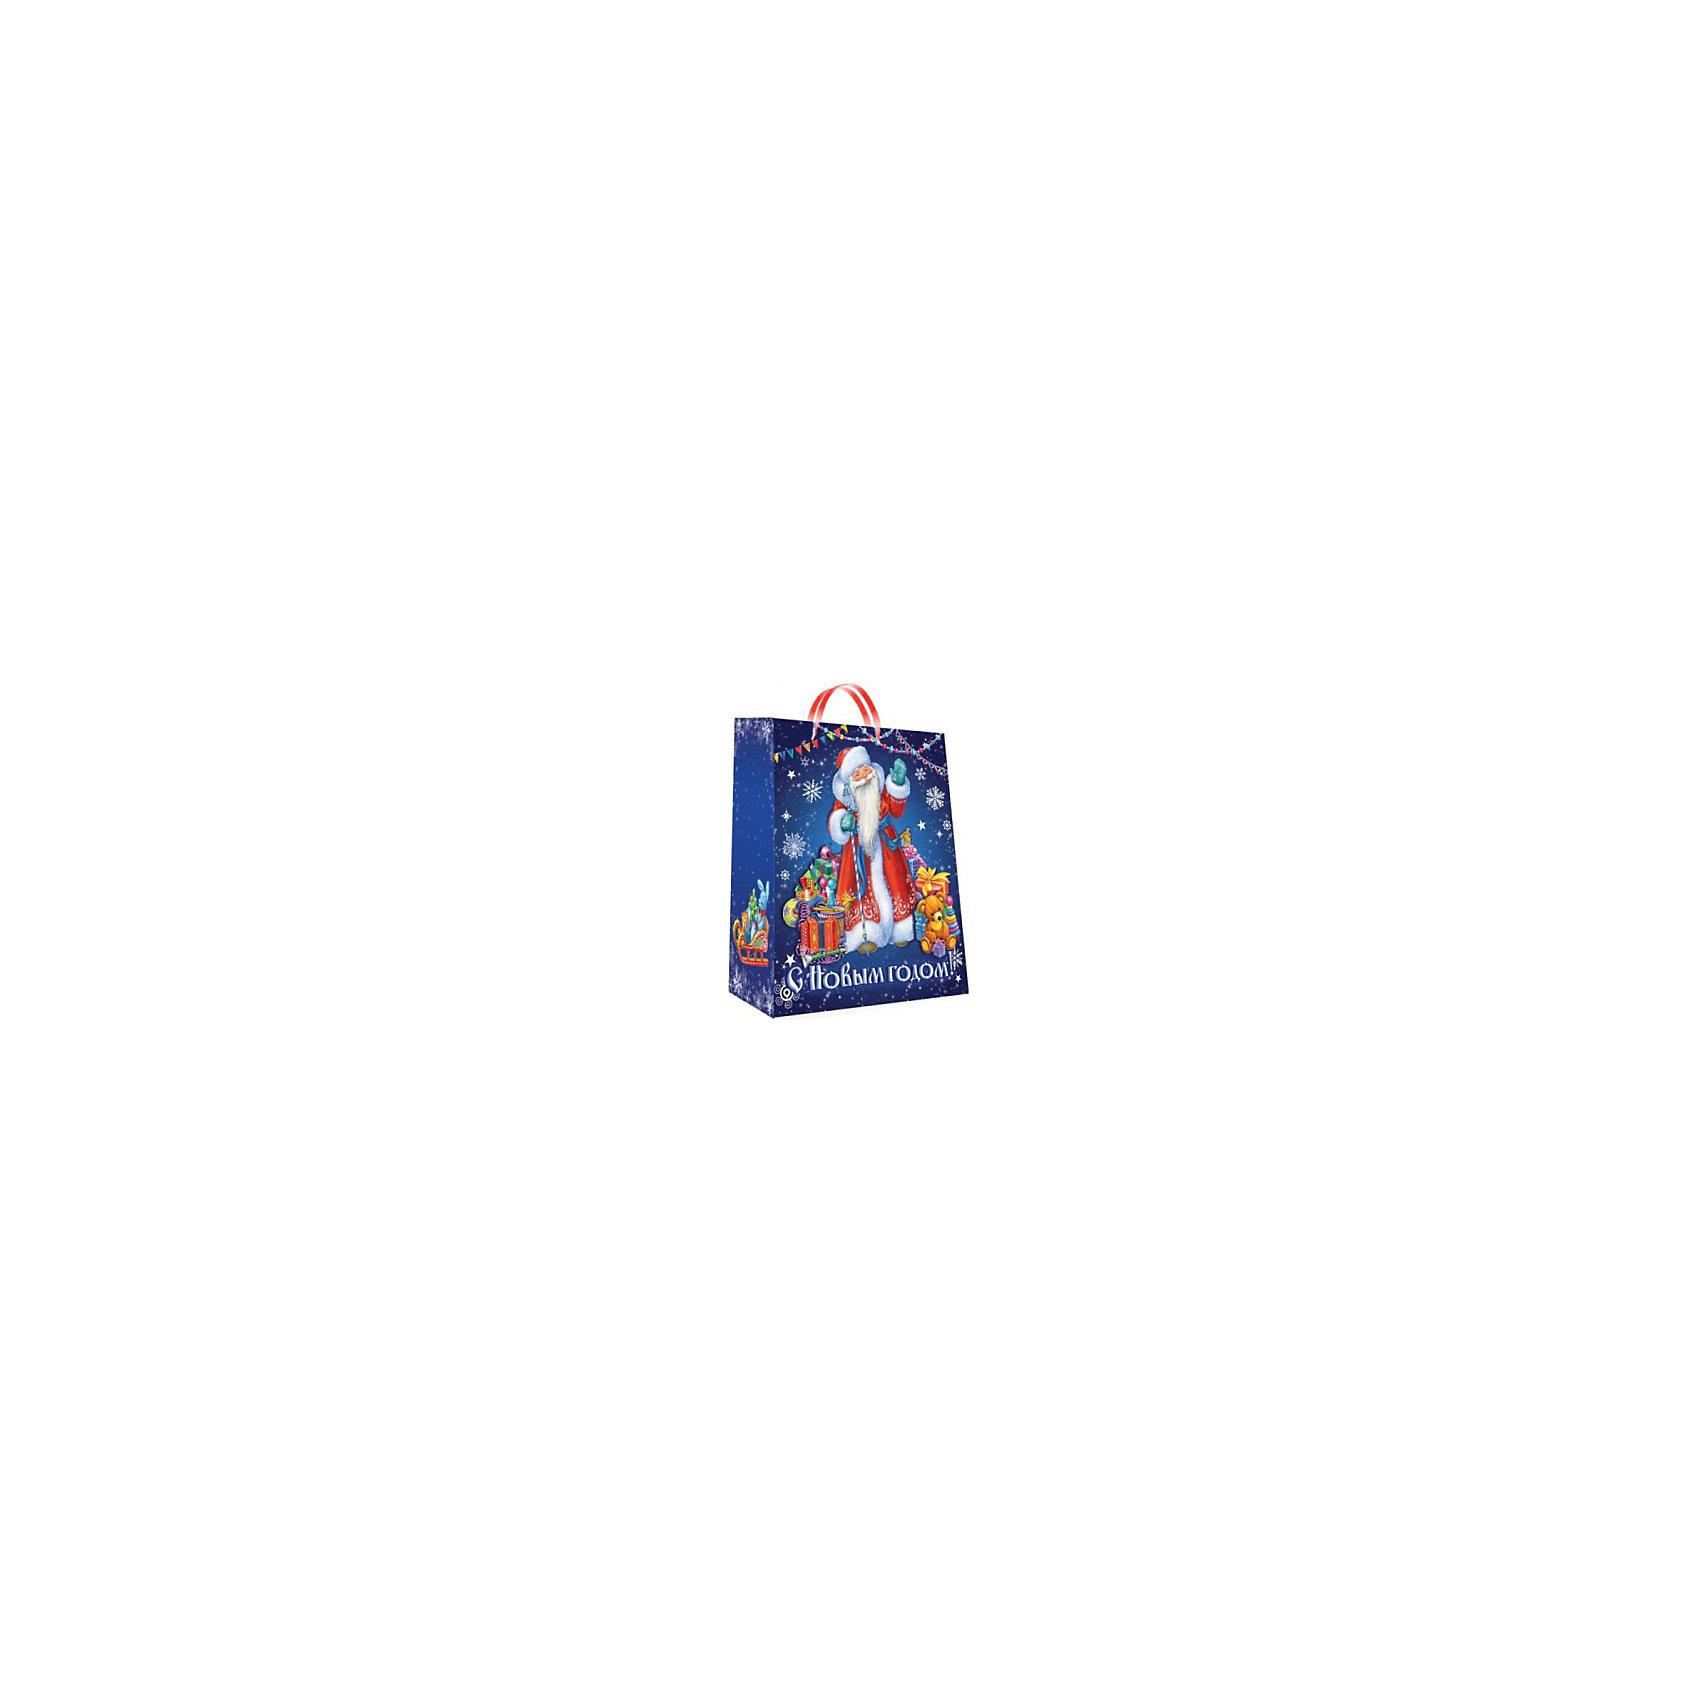 Бумажный новогодний пакетВсё для праздника<br>Красиво упакованный подарок приятно получать вдвойне! Прочный красивый пакет станет прекрасным дополнением к подарку. <br><br>Дополнительная информация:<br><br>- Материал: бумага.<br>- Размер: 18х23х10 cм.<br>- Эффект: глянцевая поверхность.<br><br>Бумажный новогодний пакет можно купить в нашем магазине.<br><br>Ширина мм: 275<br>Глубина мм: 176<br>Высота мм: 2<br>Вес г: 50<br>Возраст от месяцев: 60<br>Возраст до месяцев: 2147483647<br>Пол: Унисекс<br>Возраст: Детский<br>SKU: 4719268